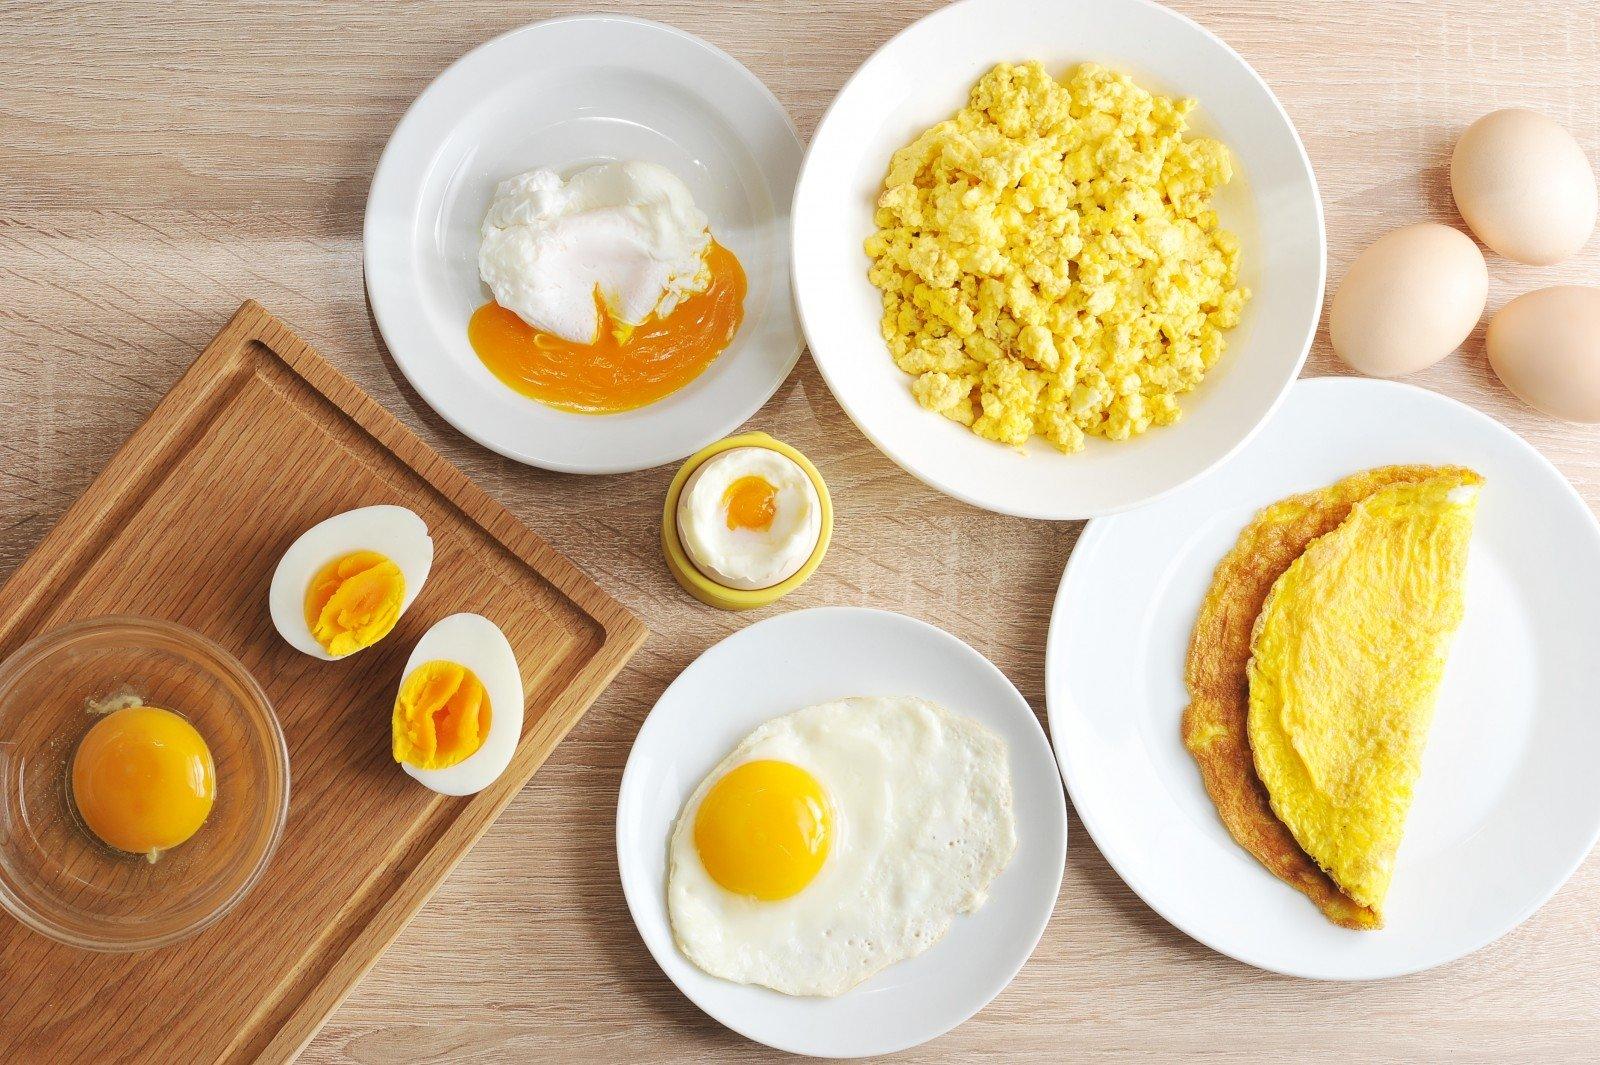 valgyti varpos ir kiaušinius